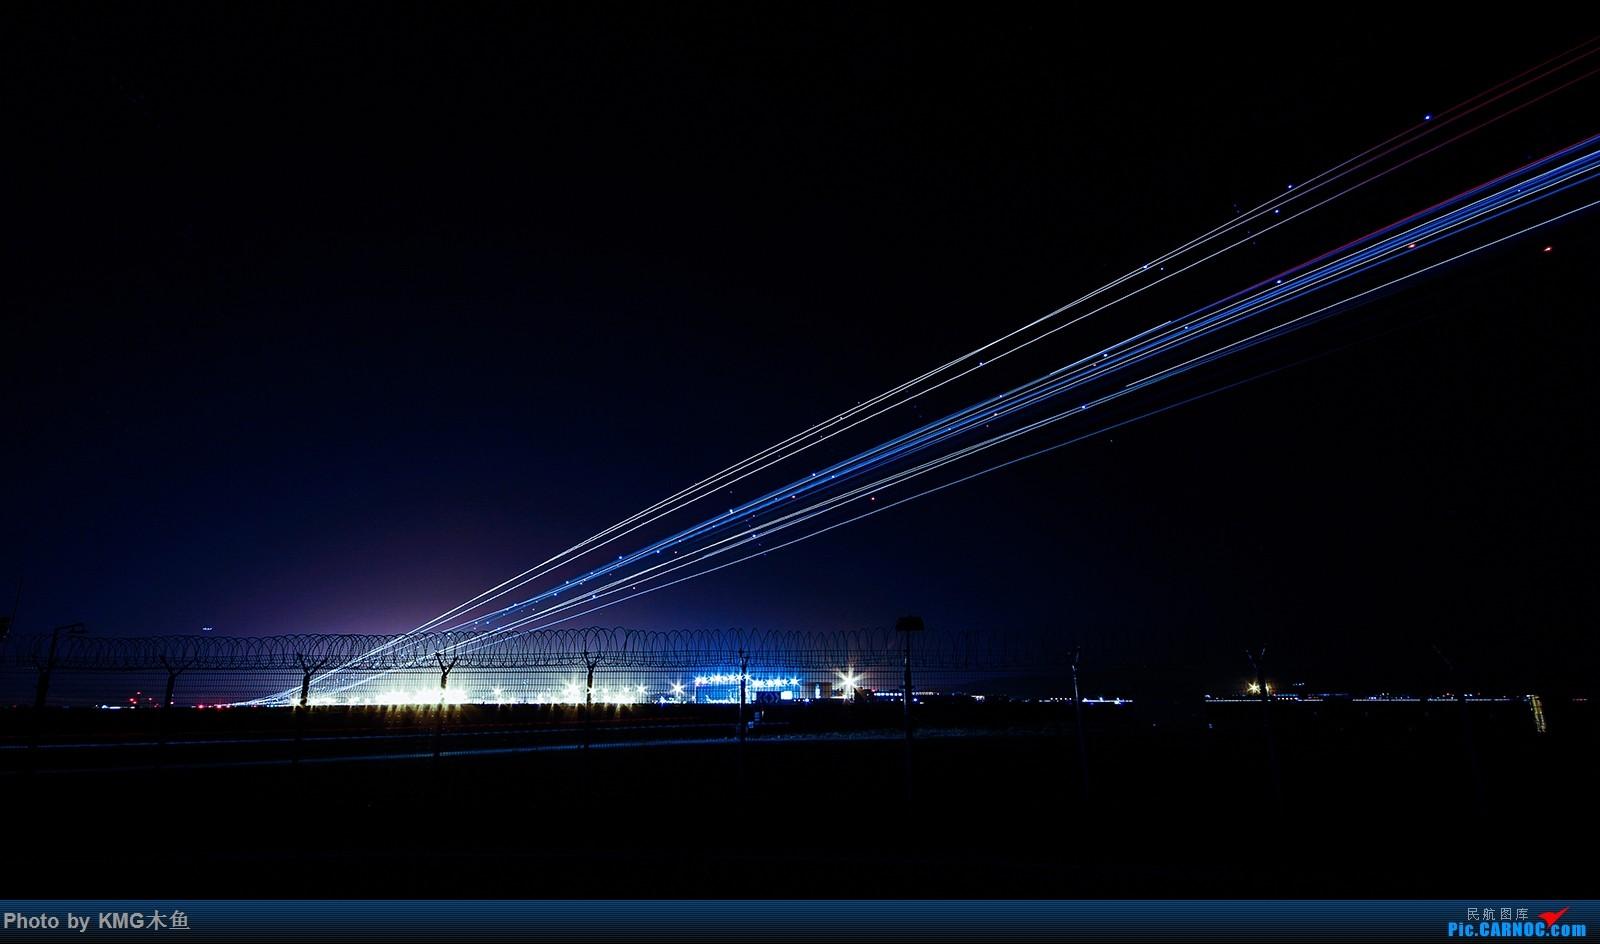 """[原创]【昆明长水国际机场——KMG木鱼拍机】向着""""功勋级""""的头衔出发,把库存图拿出来发了(高清大图)"""